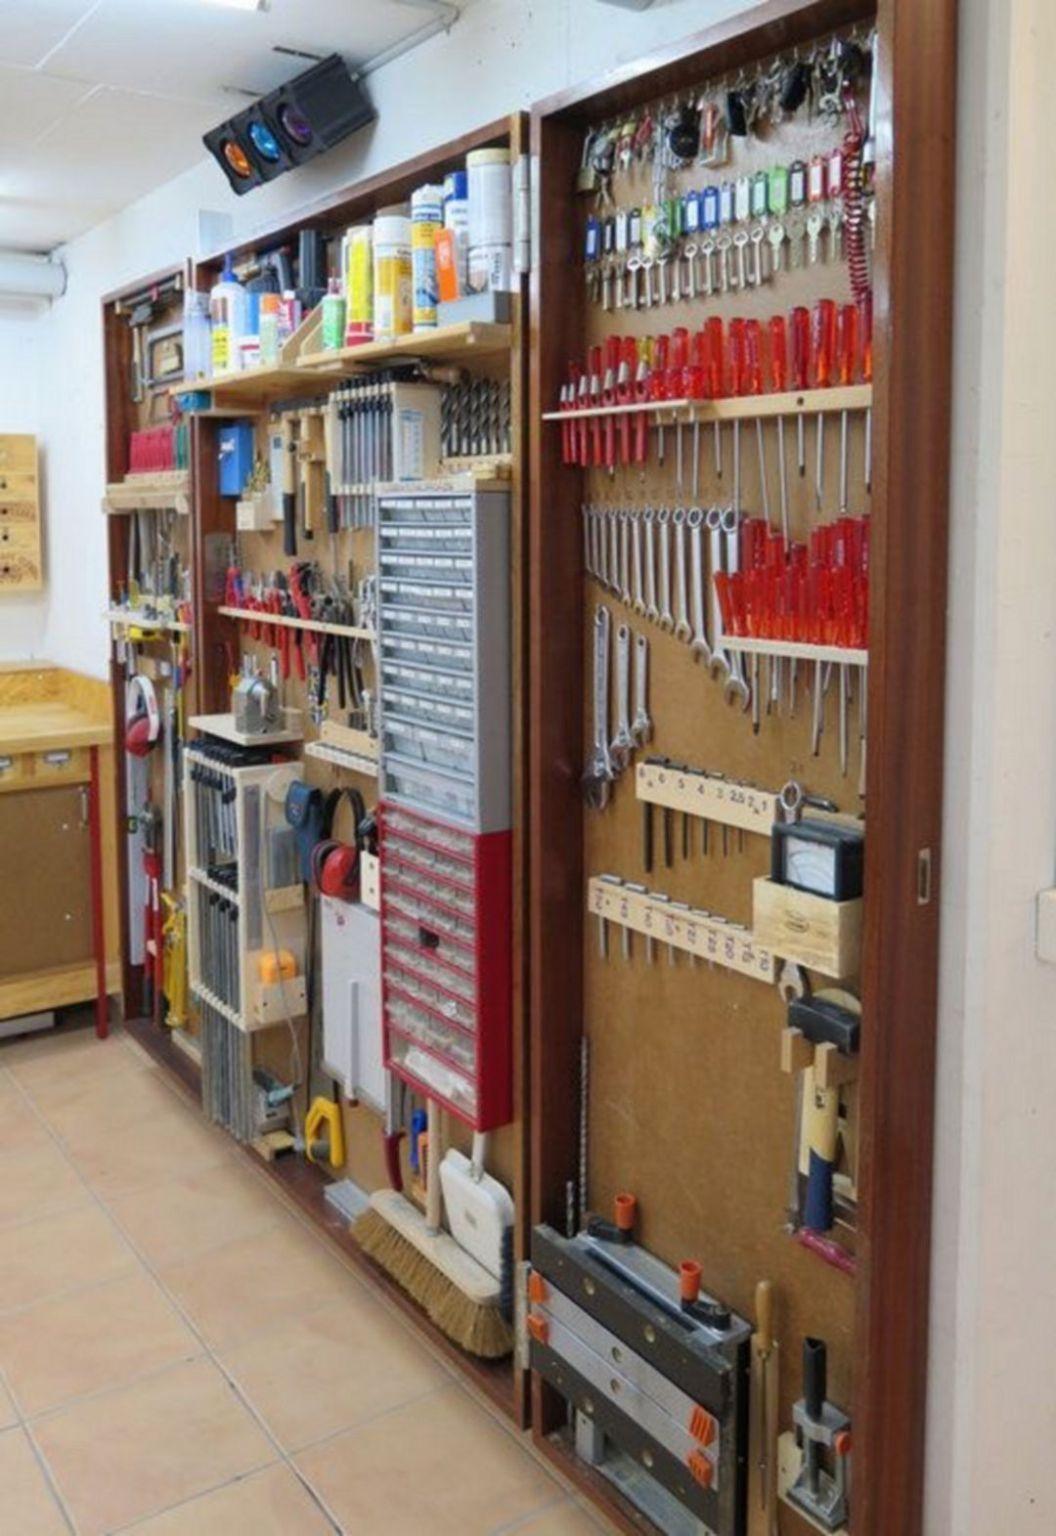 Brilliant Garage Organizations And Storage Ideas 640 Garage Organization Tips Garage Storage Organization Garage Storage Solutions